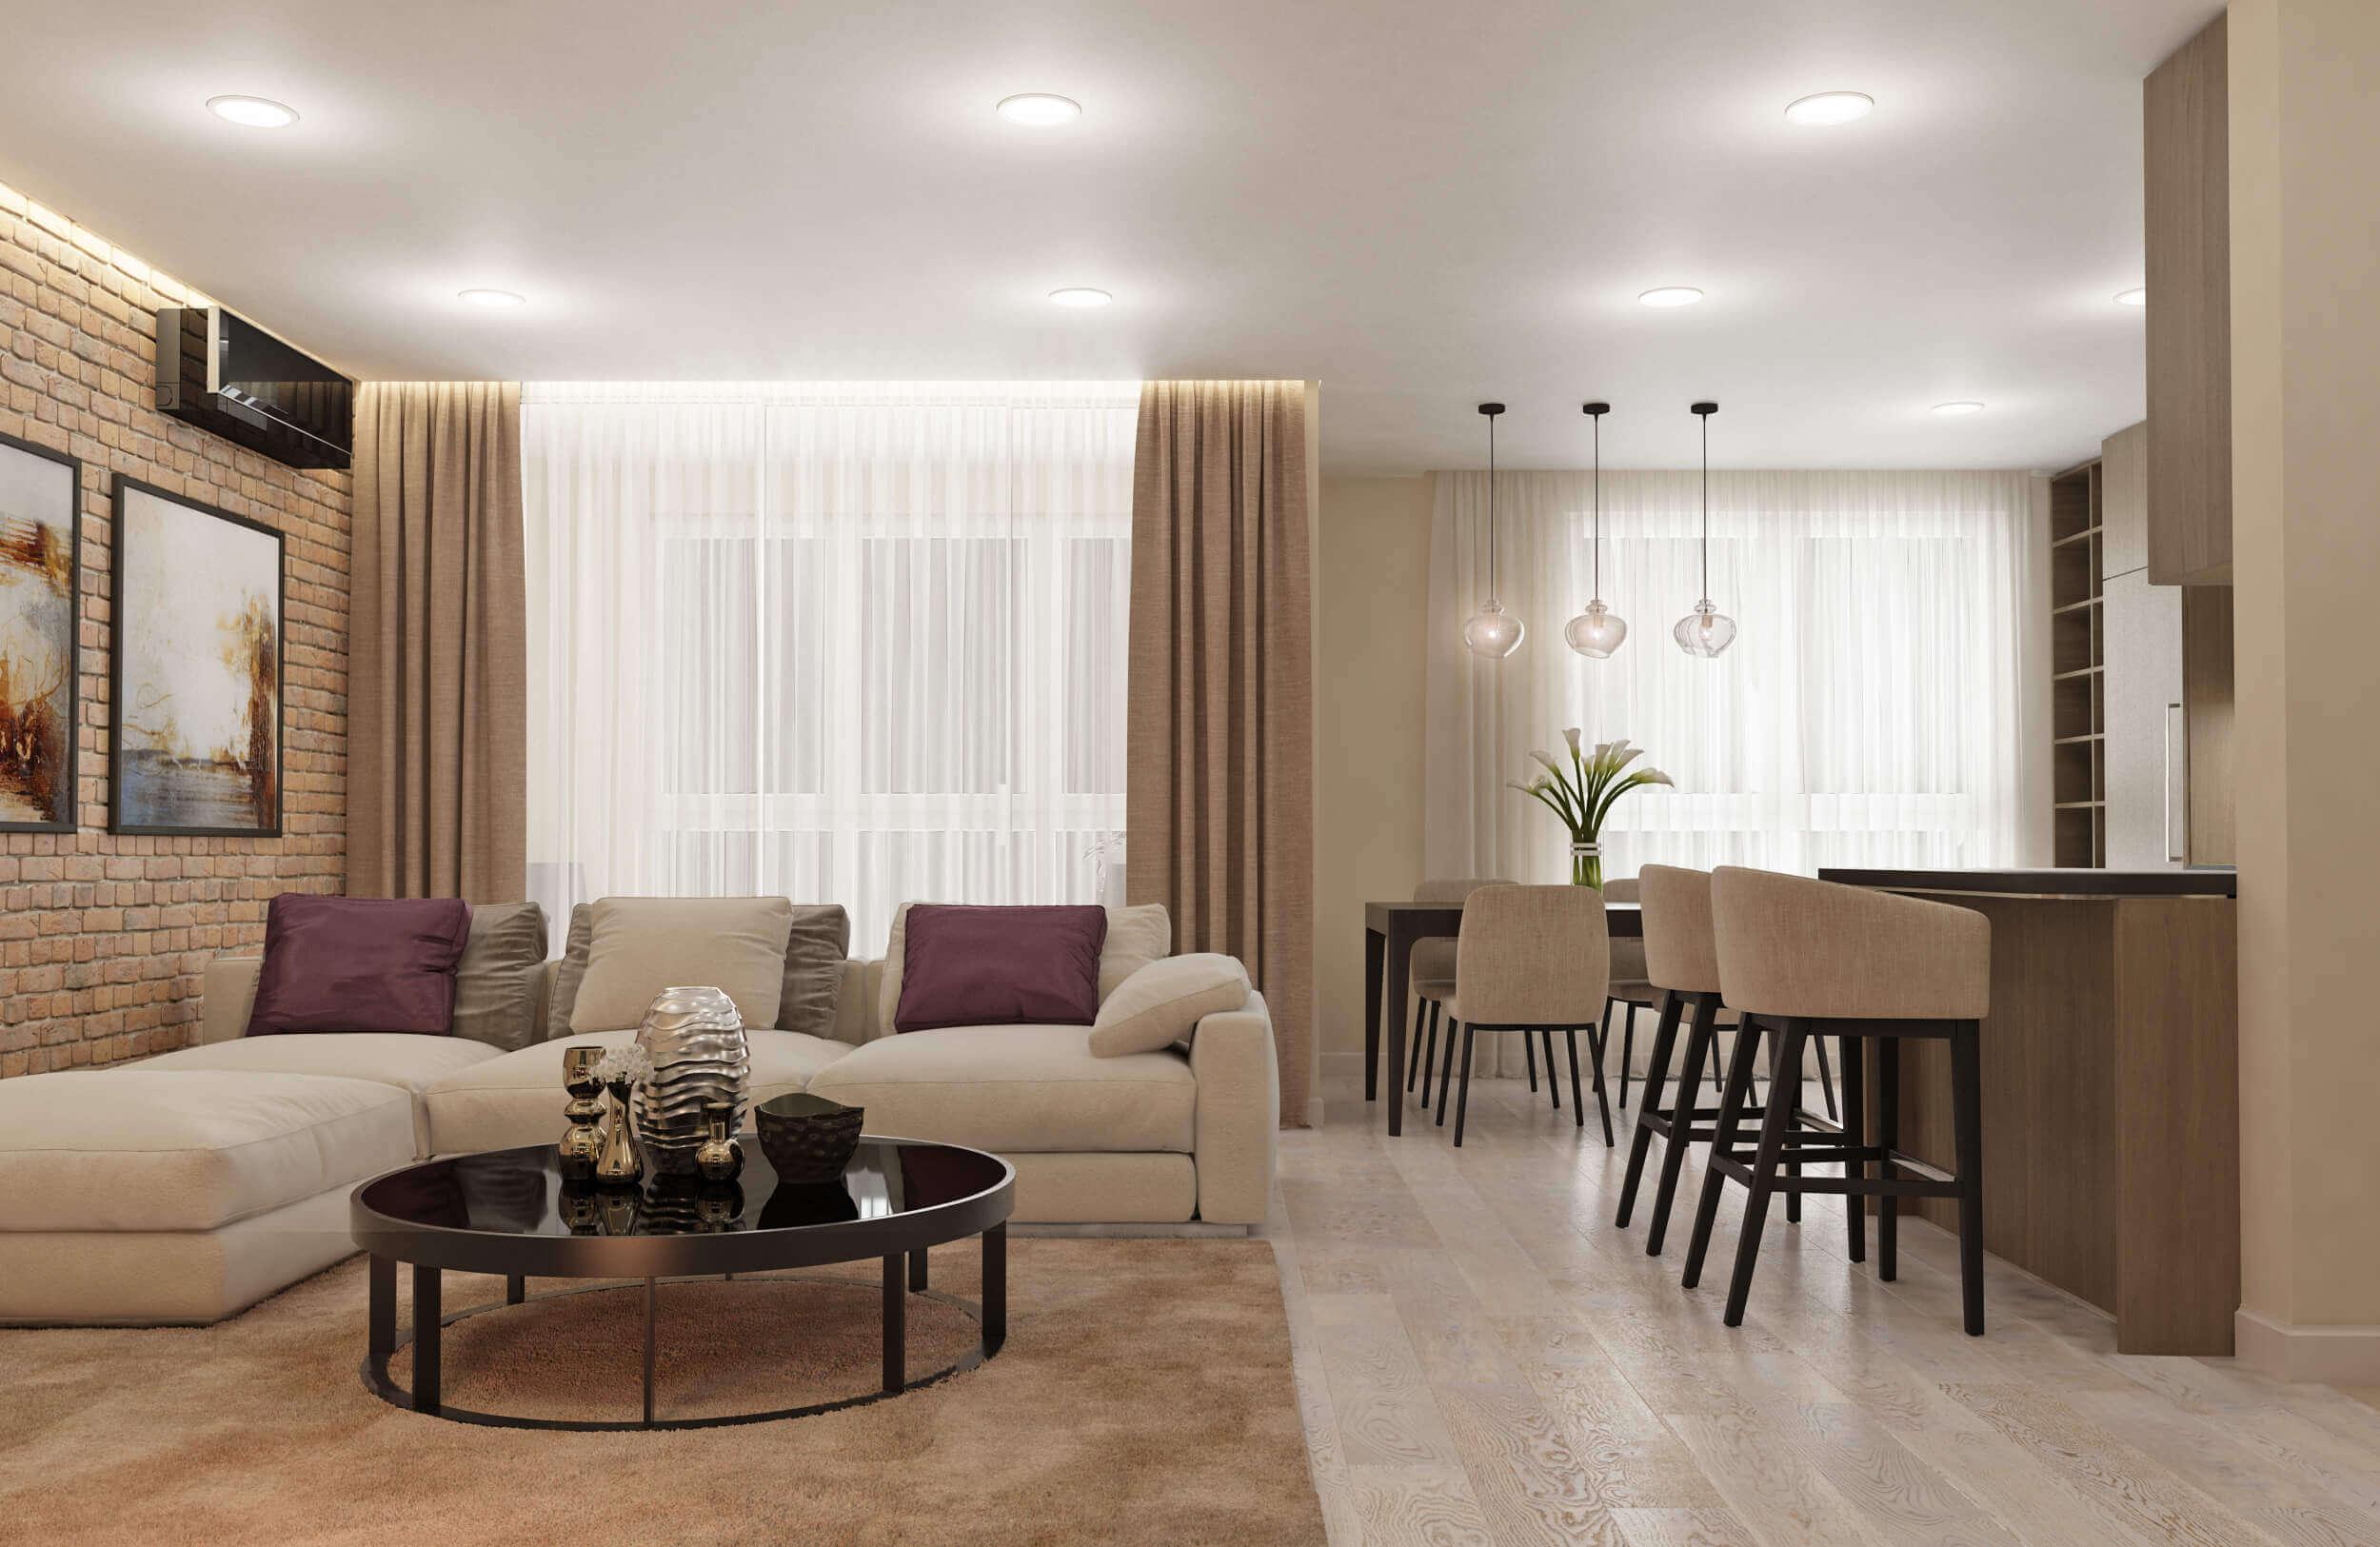 Разработка визуального проекта квартиры